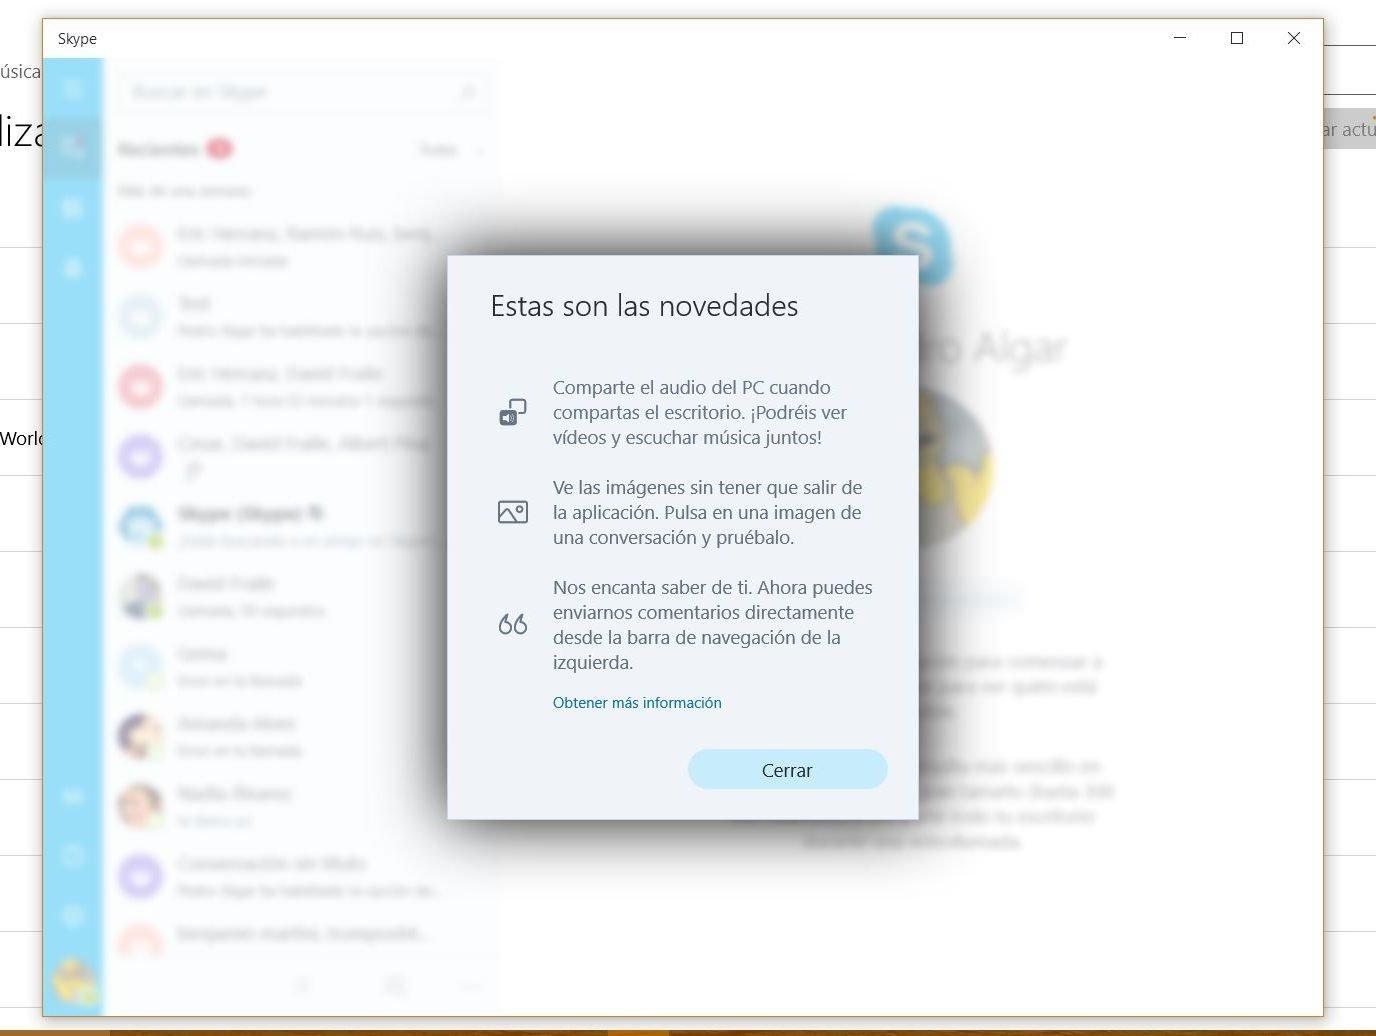 Skype se actualiza en el anillo rápido y ya permite compartir el audio del PC